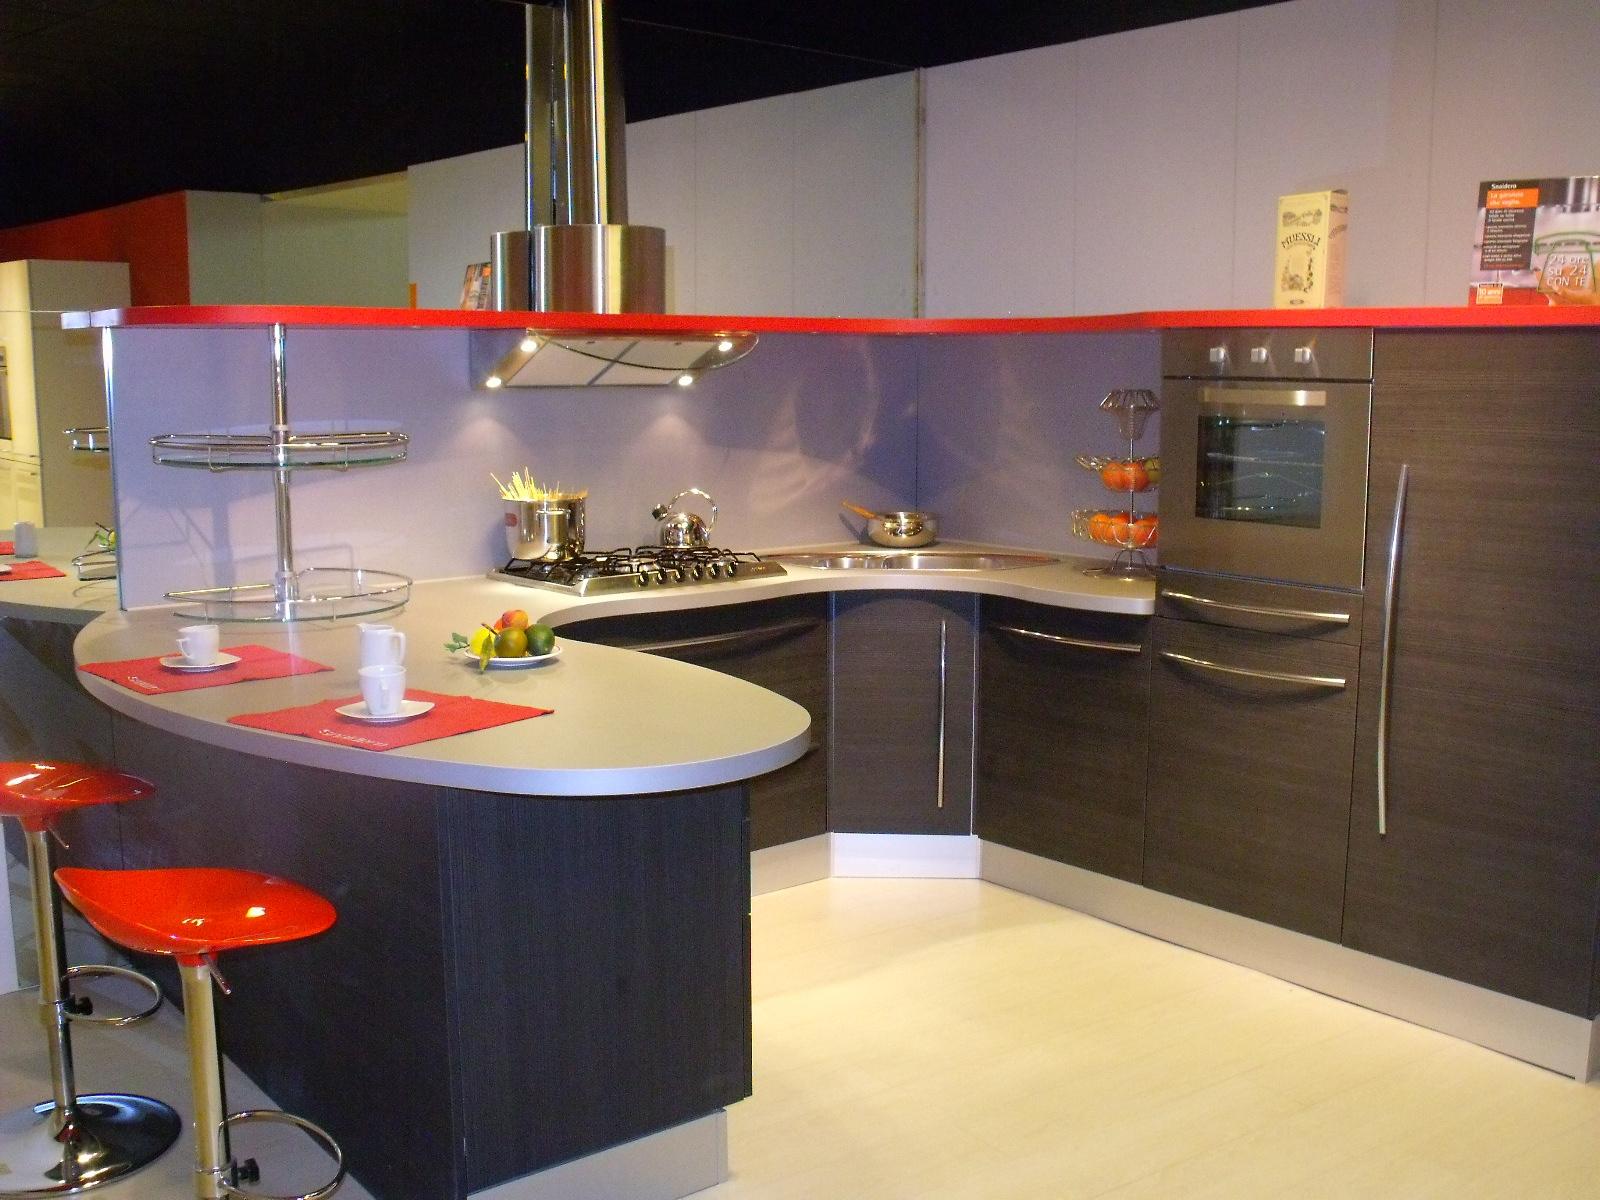 Comporre la cucina progettare la cucina consigli pratici for Programma per comporre cucine